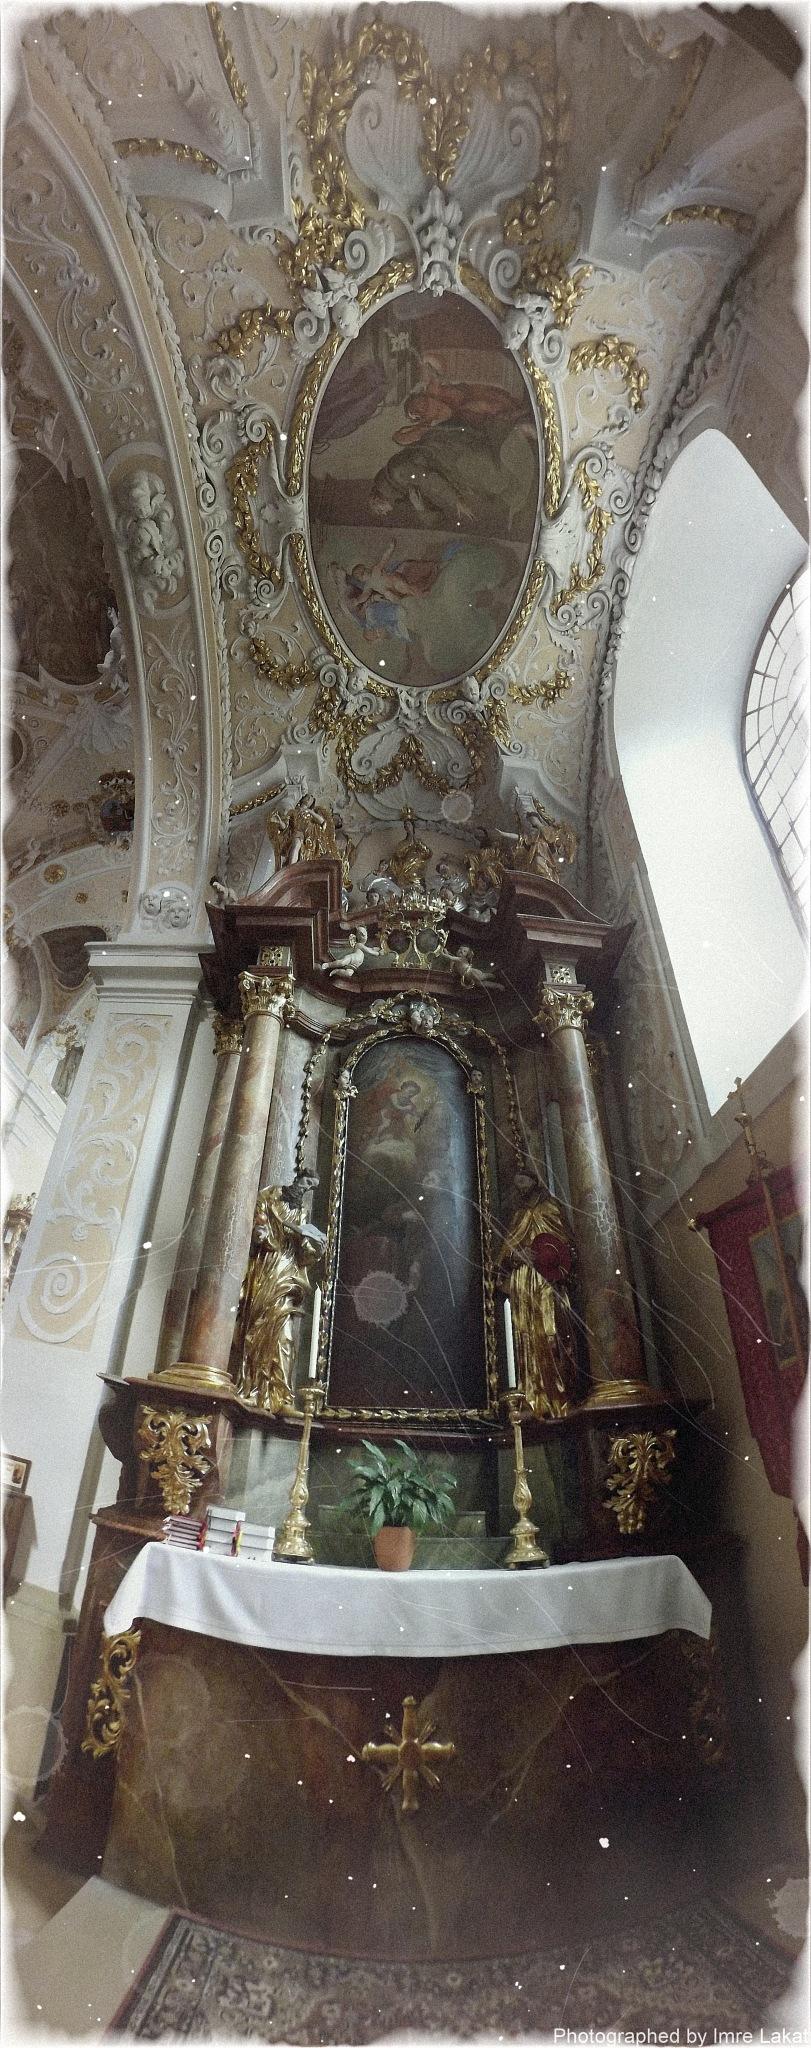 Basilica Mariä Geburt . Kirchenpl. 27, 7132 Frauenkirchen, Ausztria  by Imre Lakat